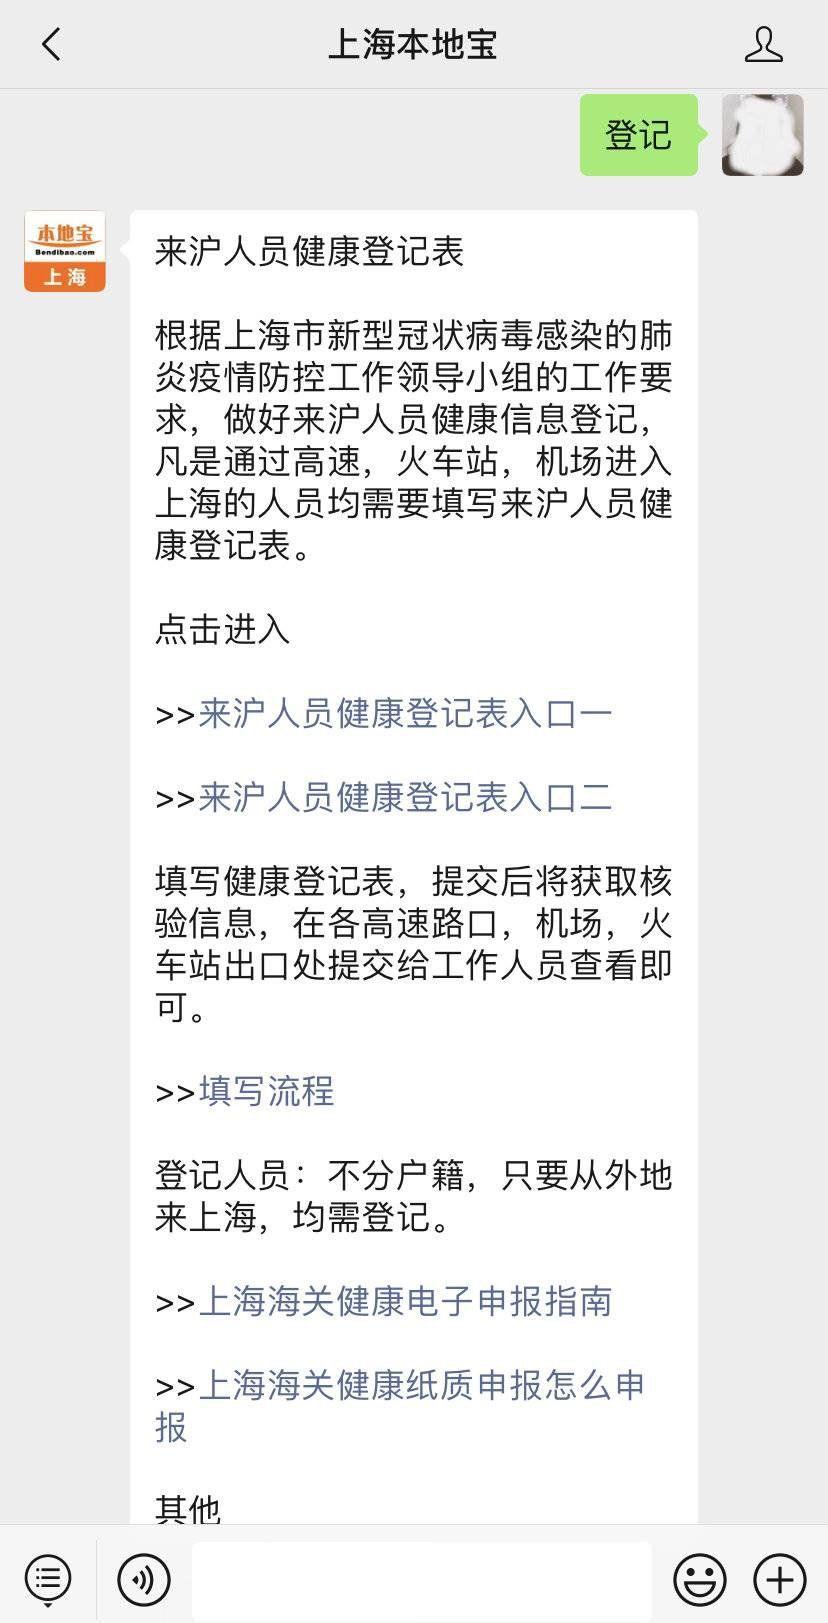 新葡新京抵沪健康登记表怎么填 在哪里填